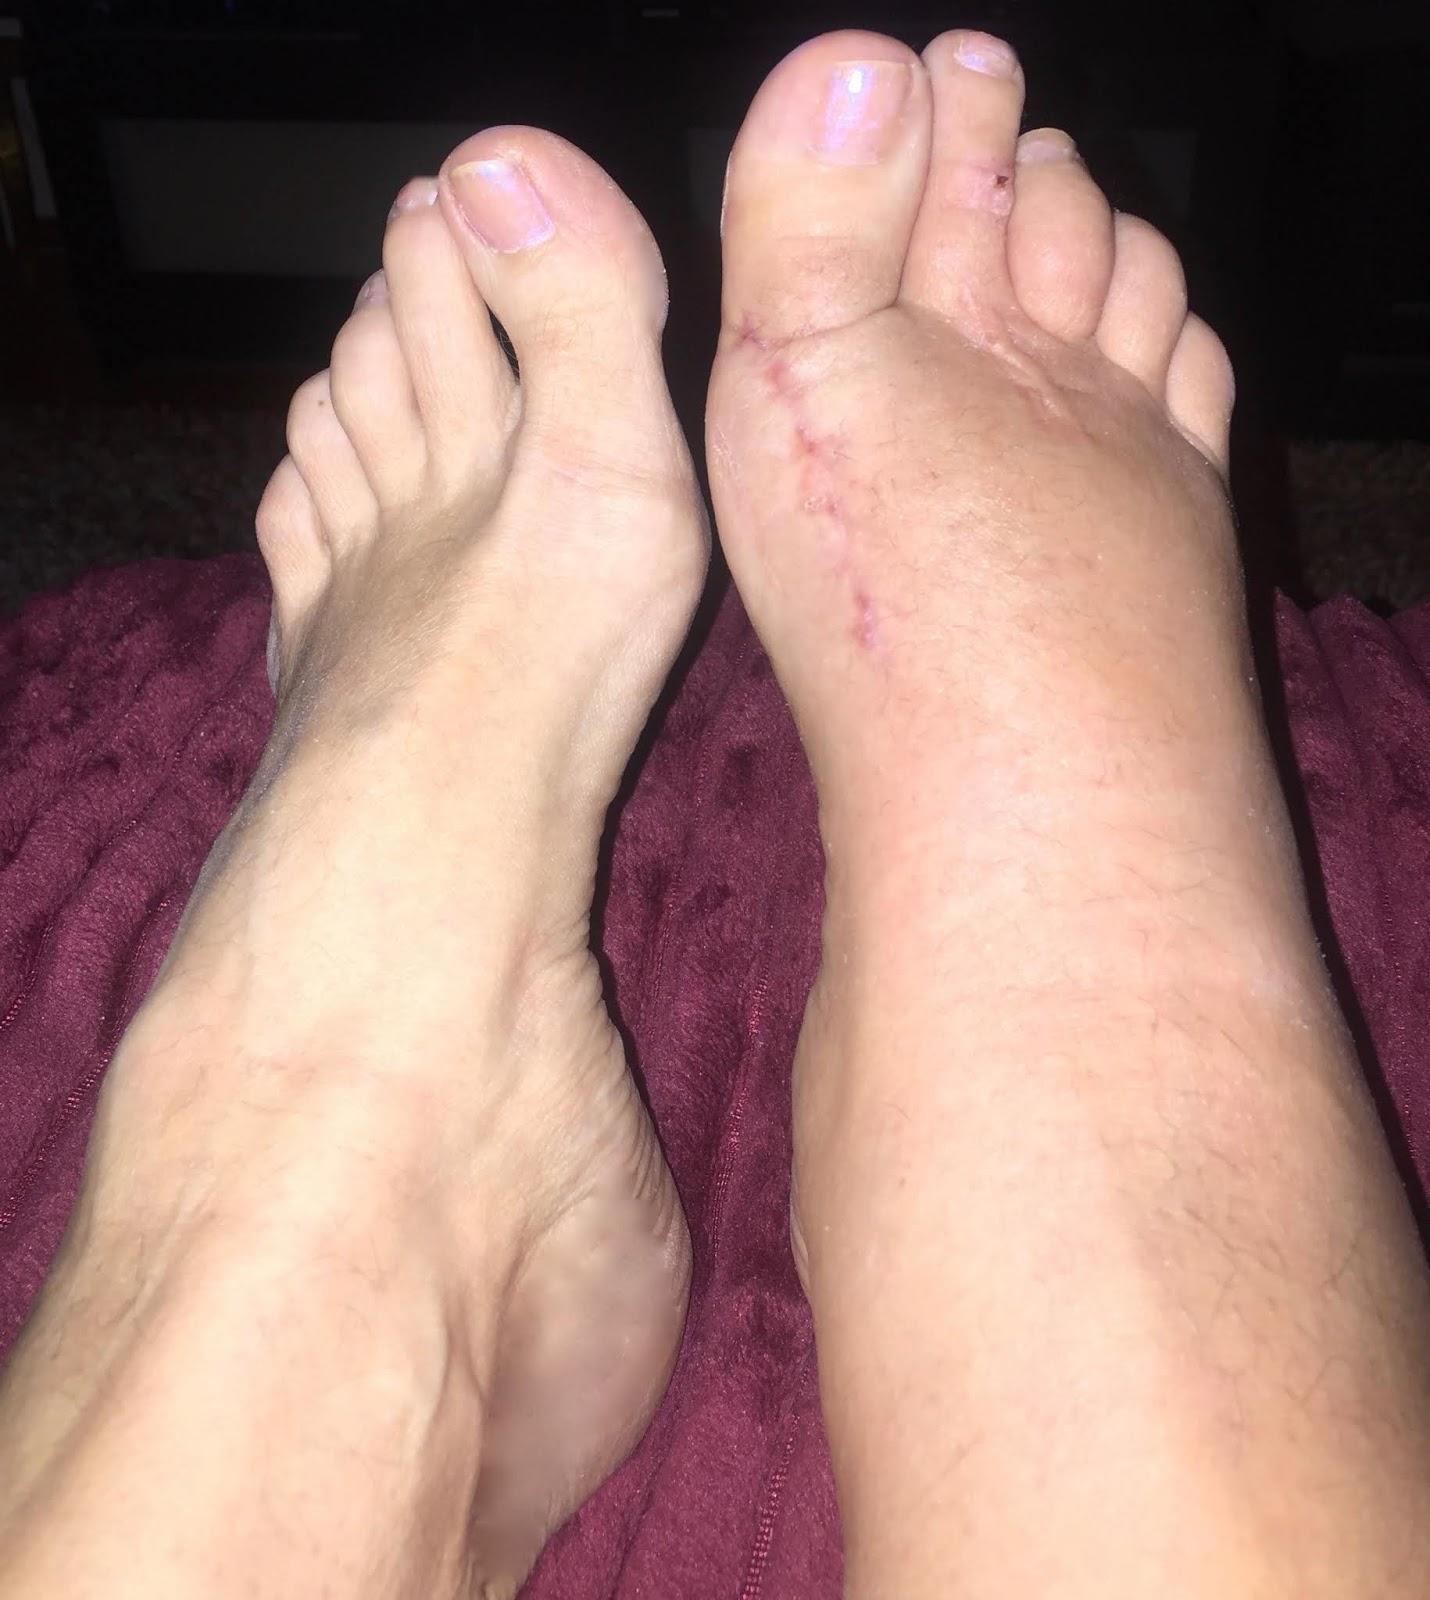 svullna fötter efter operation